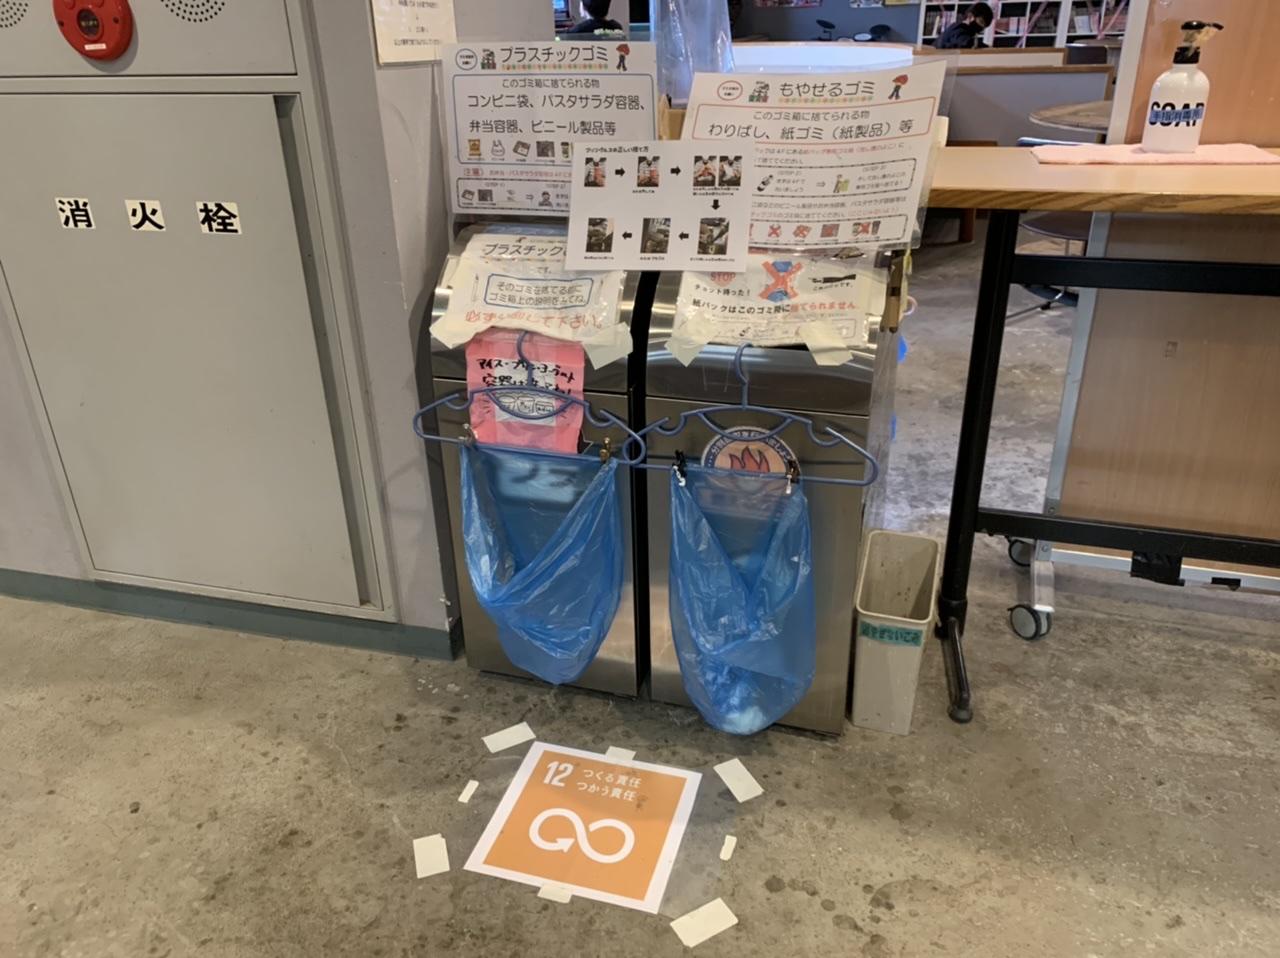 感染対策をしたゴミ箱の写真です